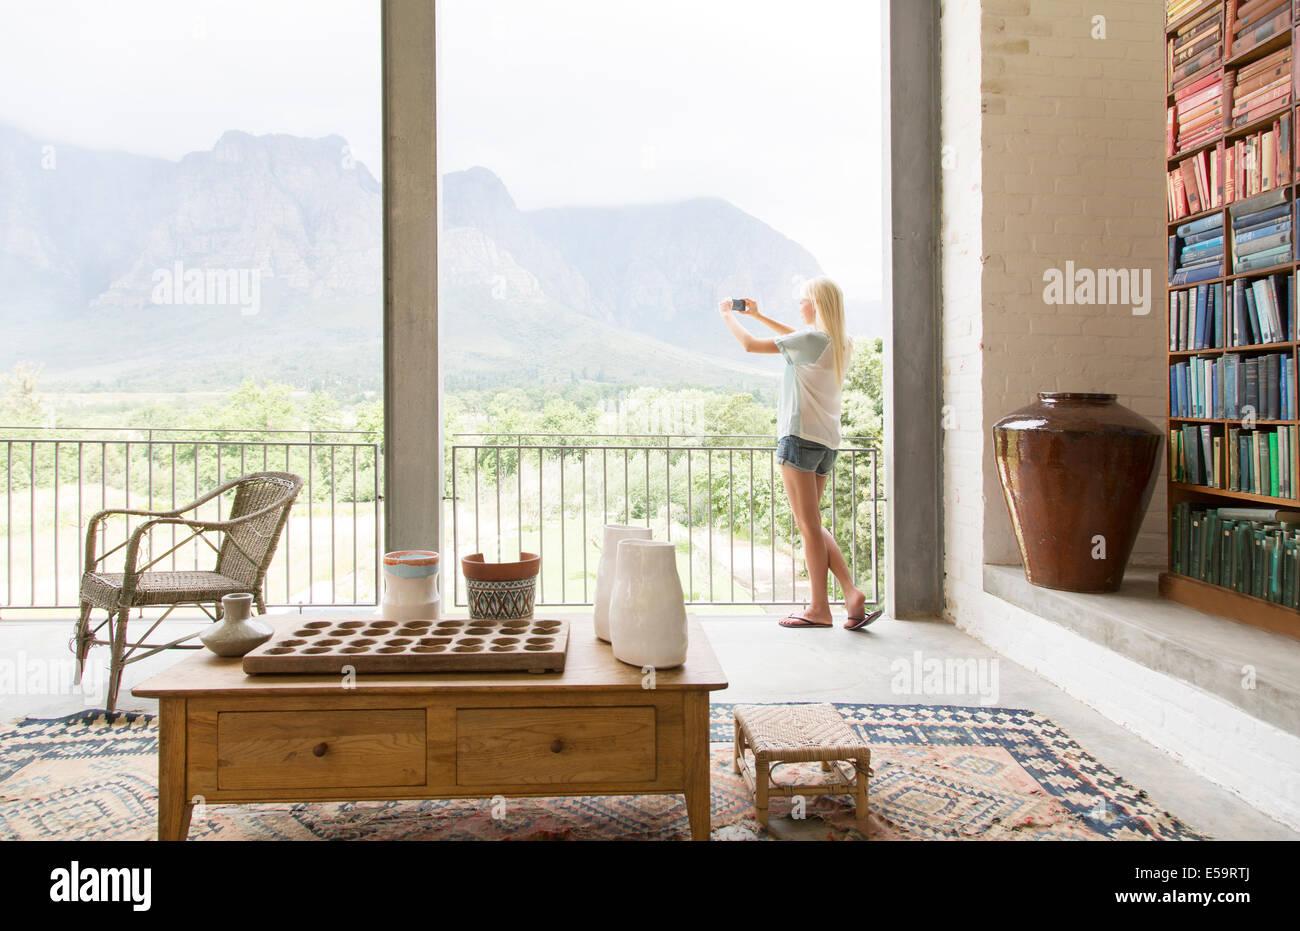 La donna sta immagine di panorama dal balcone Immagini Stock